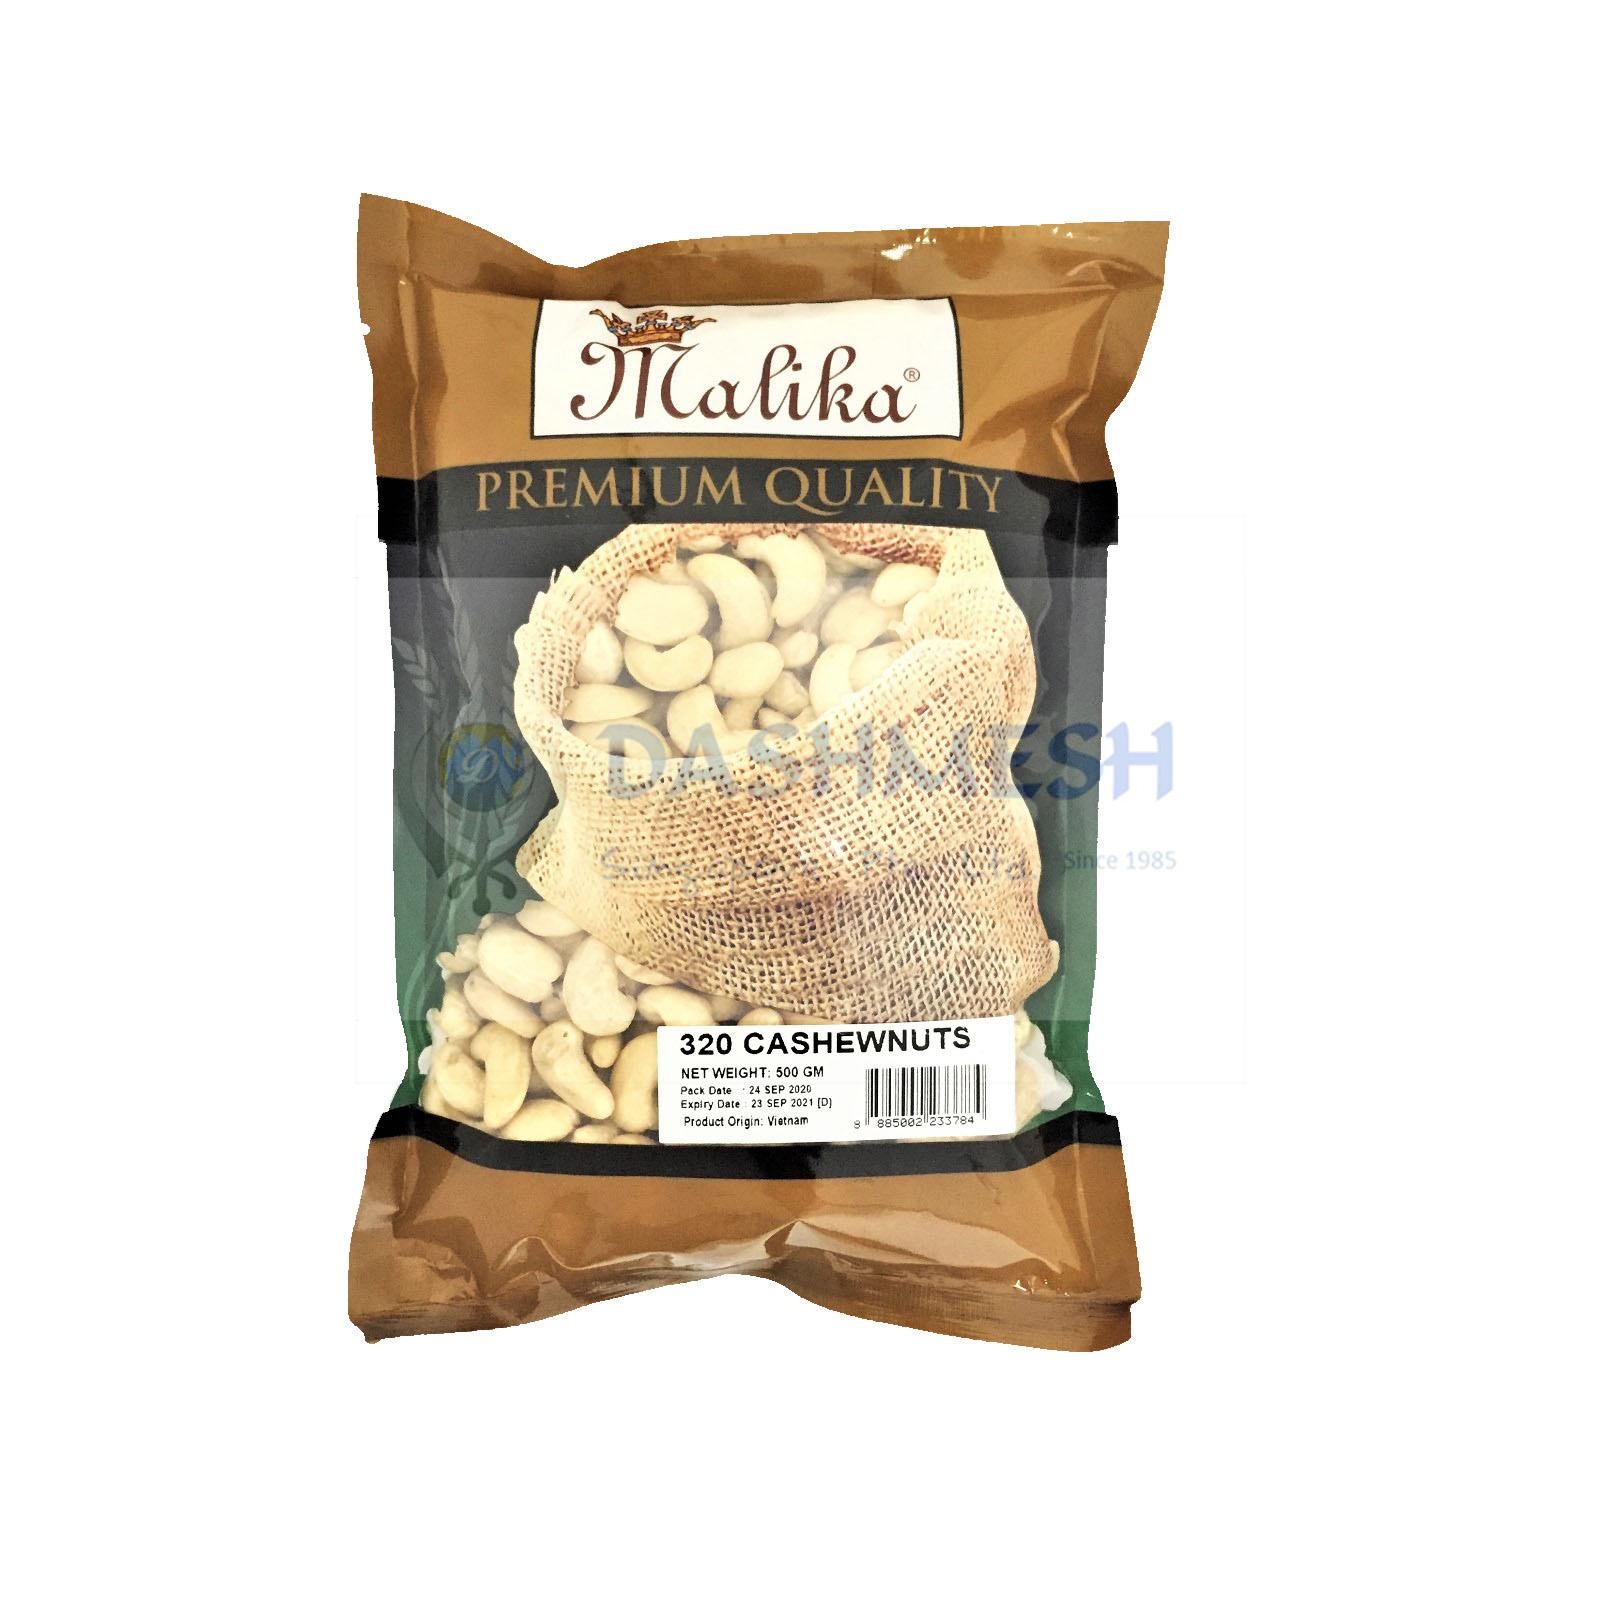 Malika 320 Whole Cashewnuts 100g, 250g, 500g & 1Kg